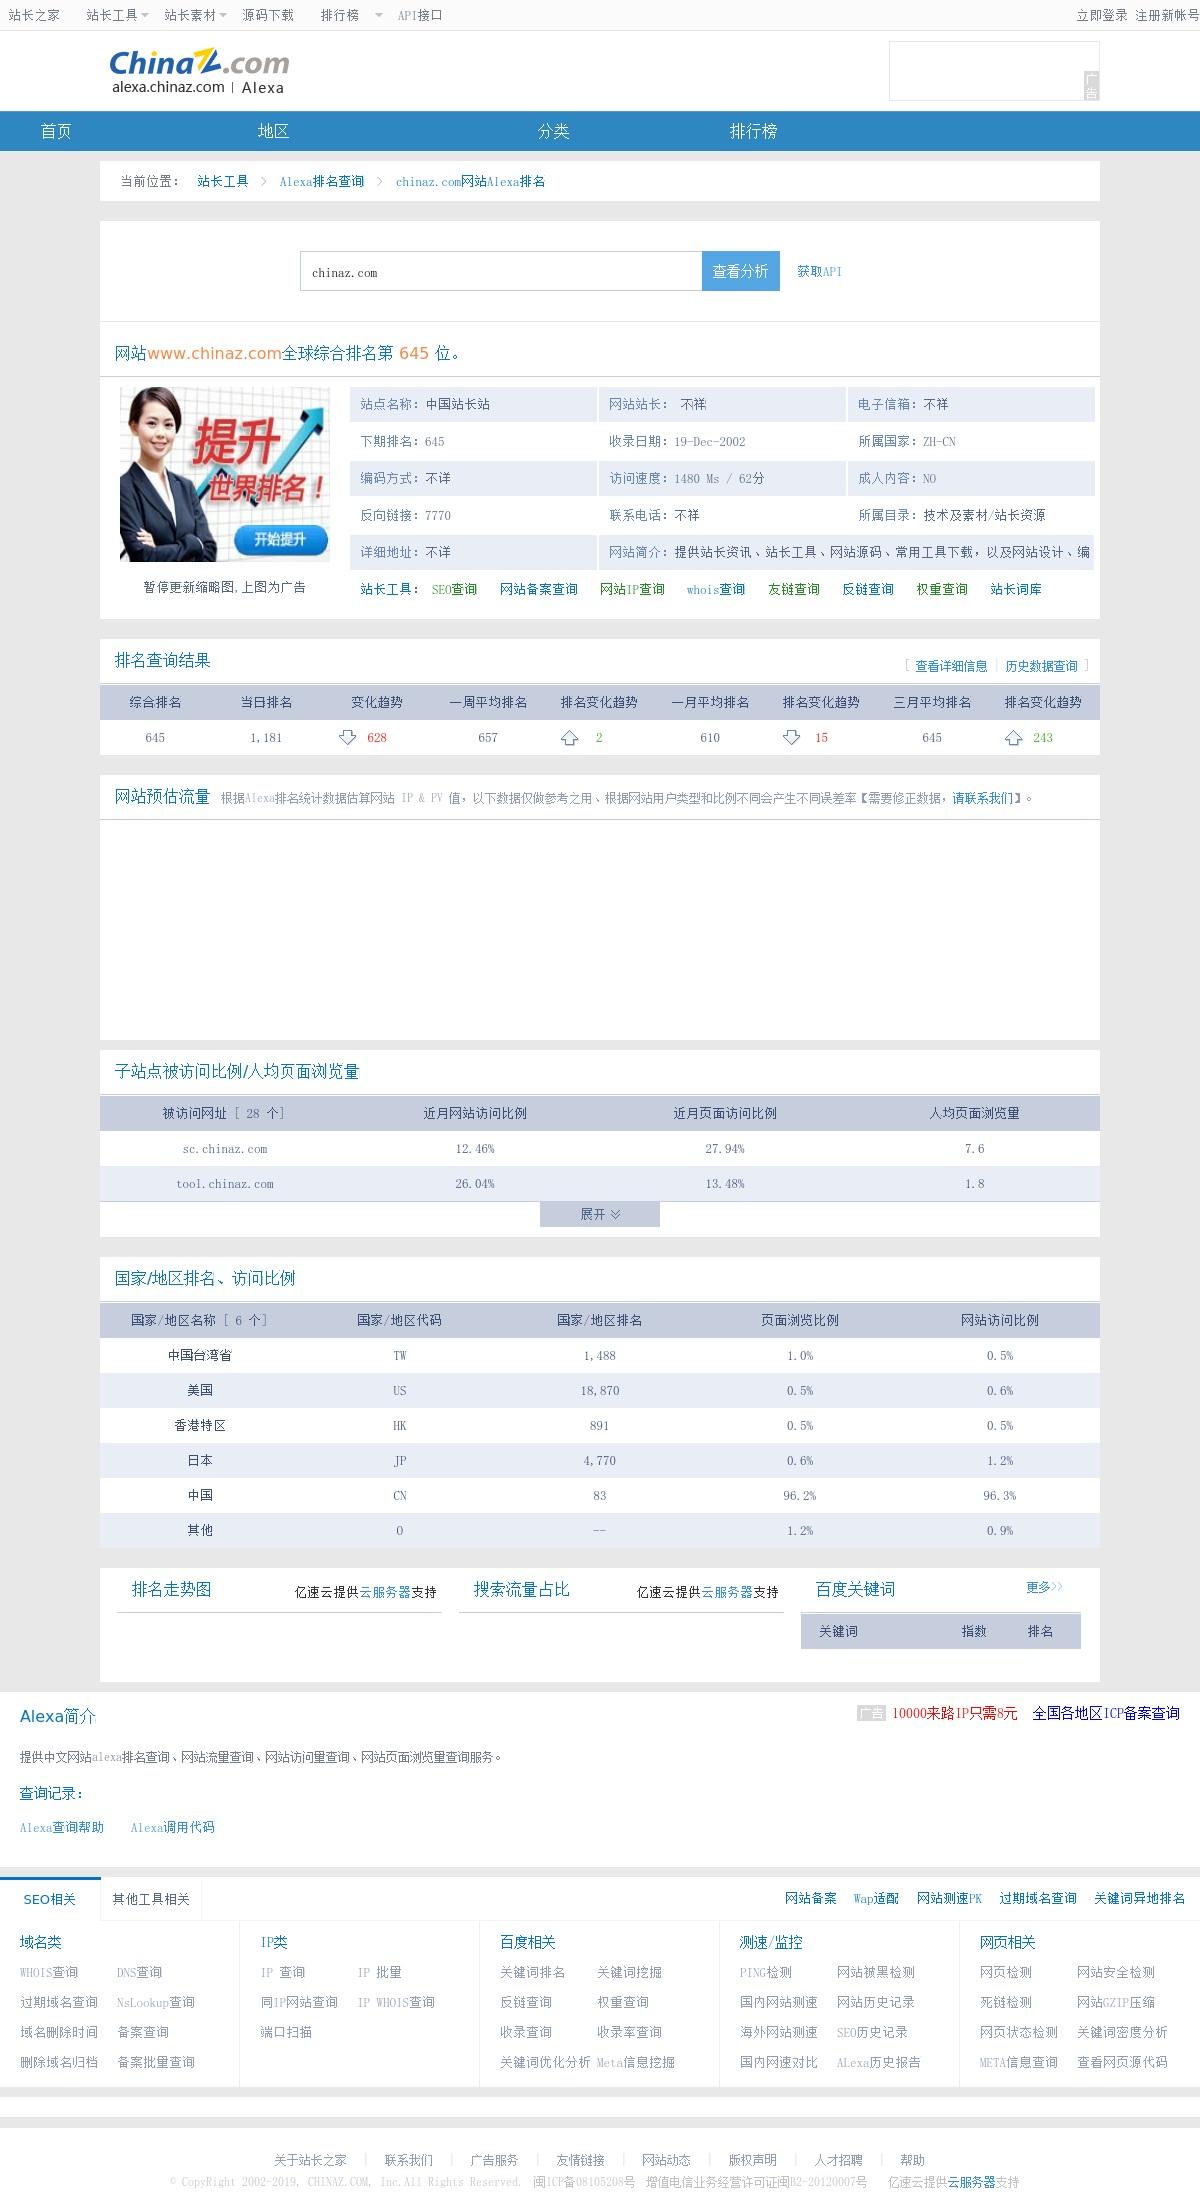 中國網站排名 - alexa.chinaz.com